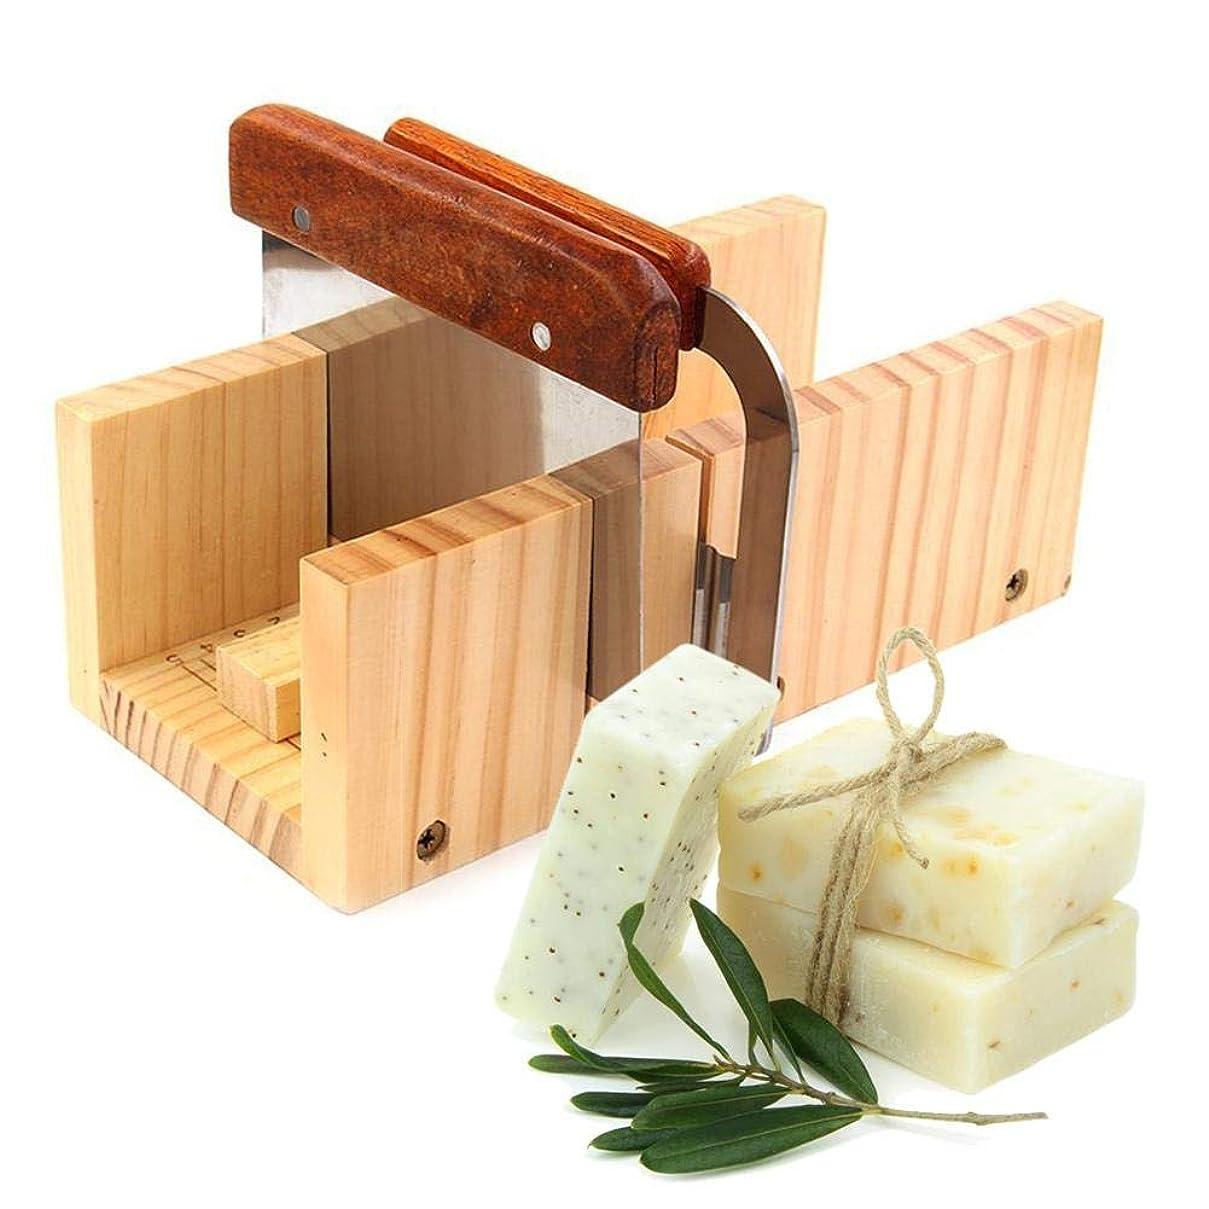 白菜の量モニターRagem ソープカッター 手作り石鹸金型 木製 ローフカッターボックス 調整可能 多機能ソープ切削工具 ストレートプレーニングツール